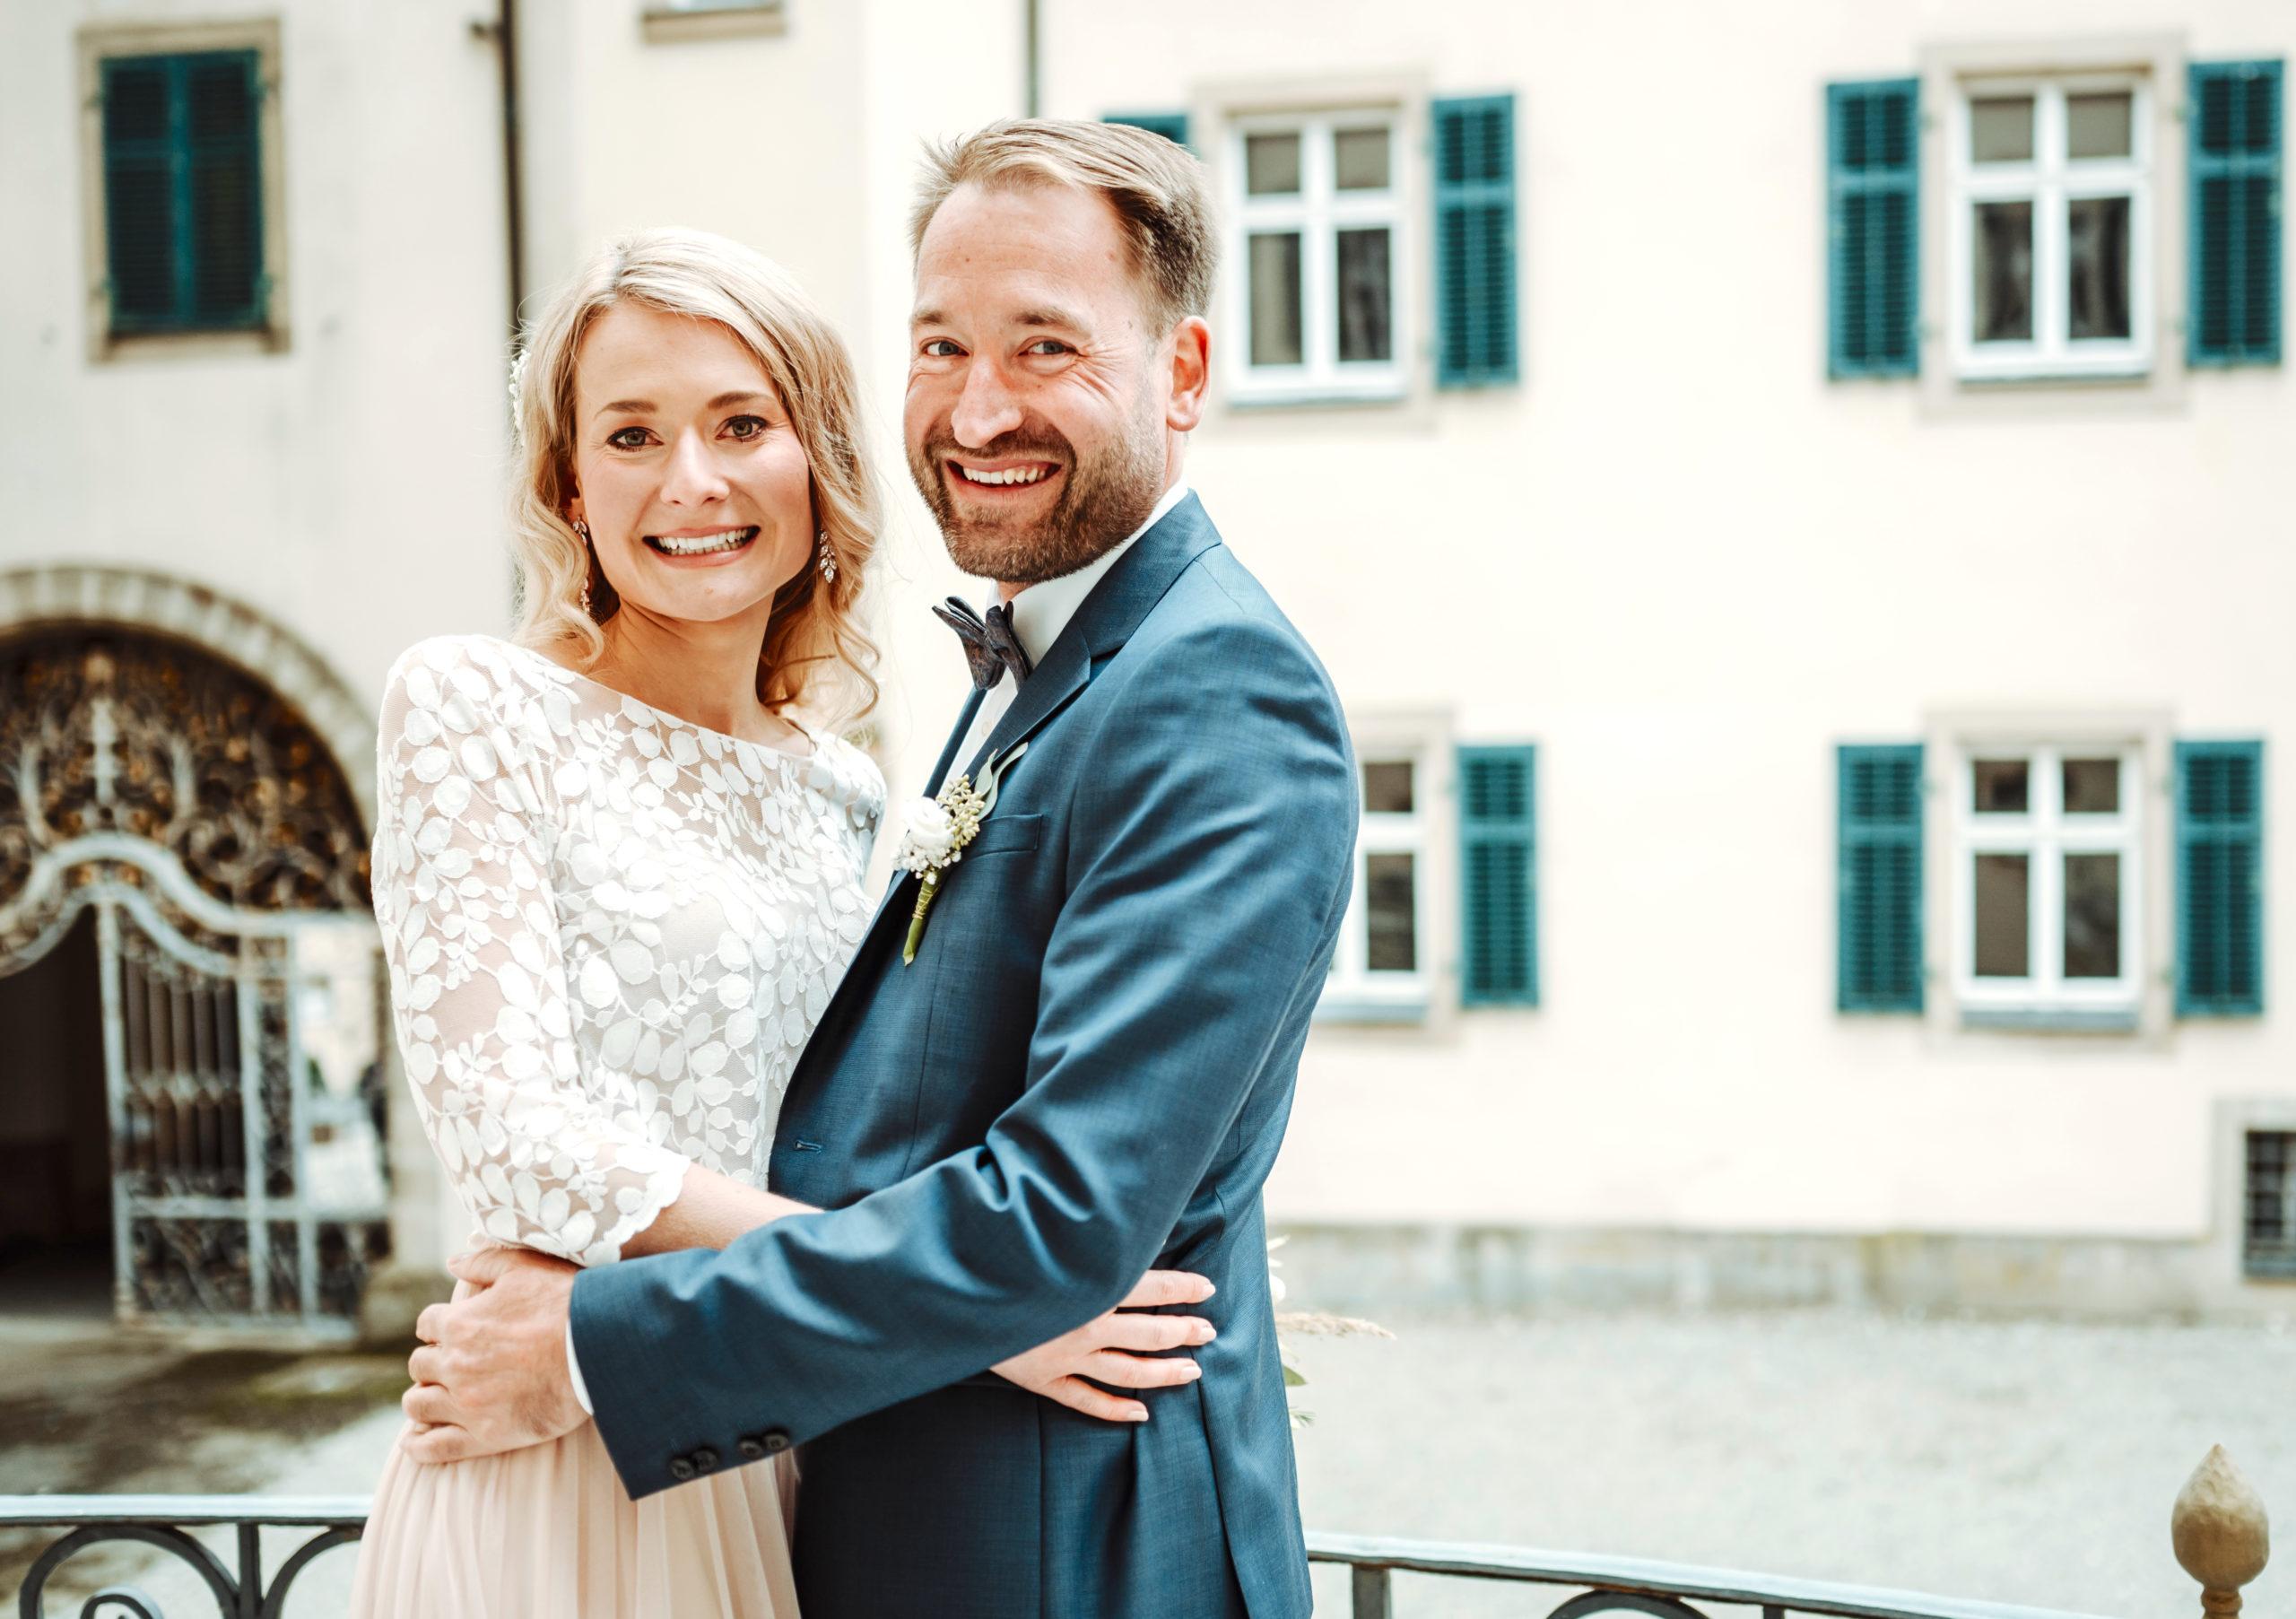 Brautpaar vor Schloss. Braut mit Zweiteiligem Brautkleid aus Tüllrock in Blush und Spitzentop, sie trägt ihren Brautstrauß. Bräutigam mit beiger Hose, weißem Hemd und blauem Sakko.